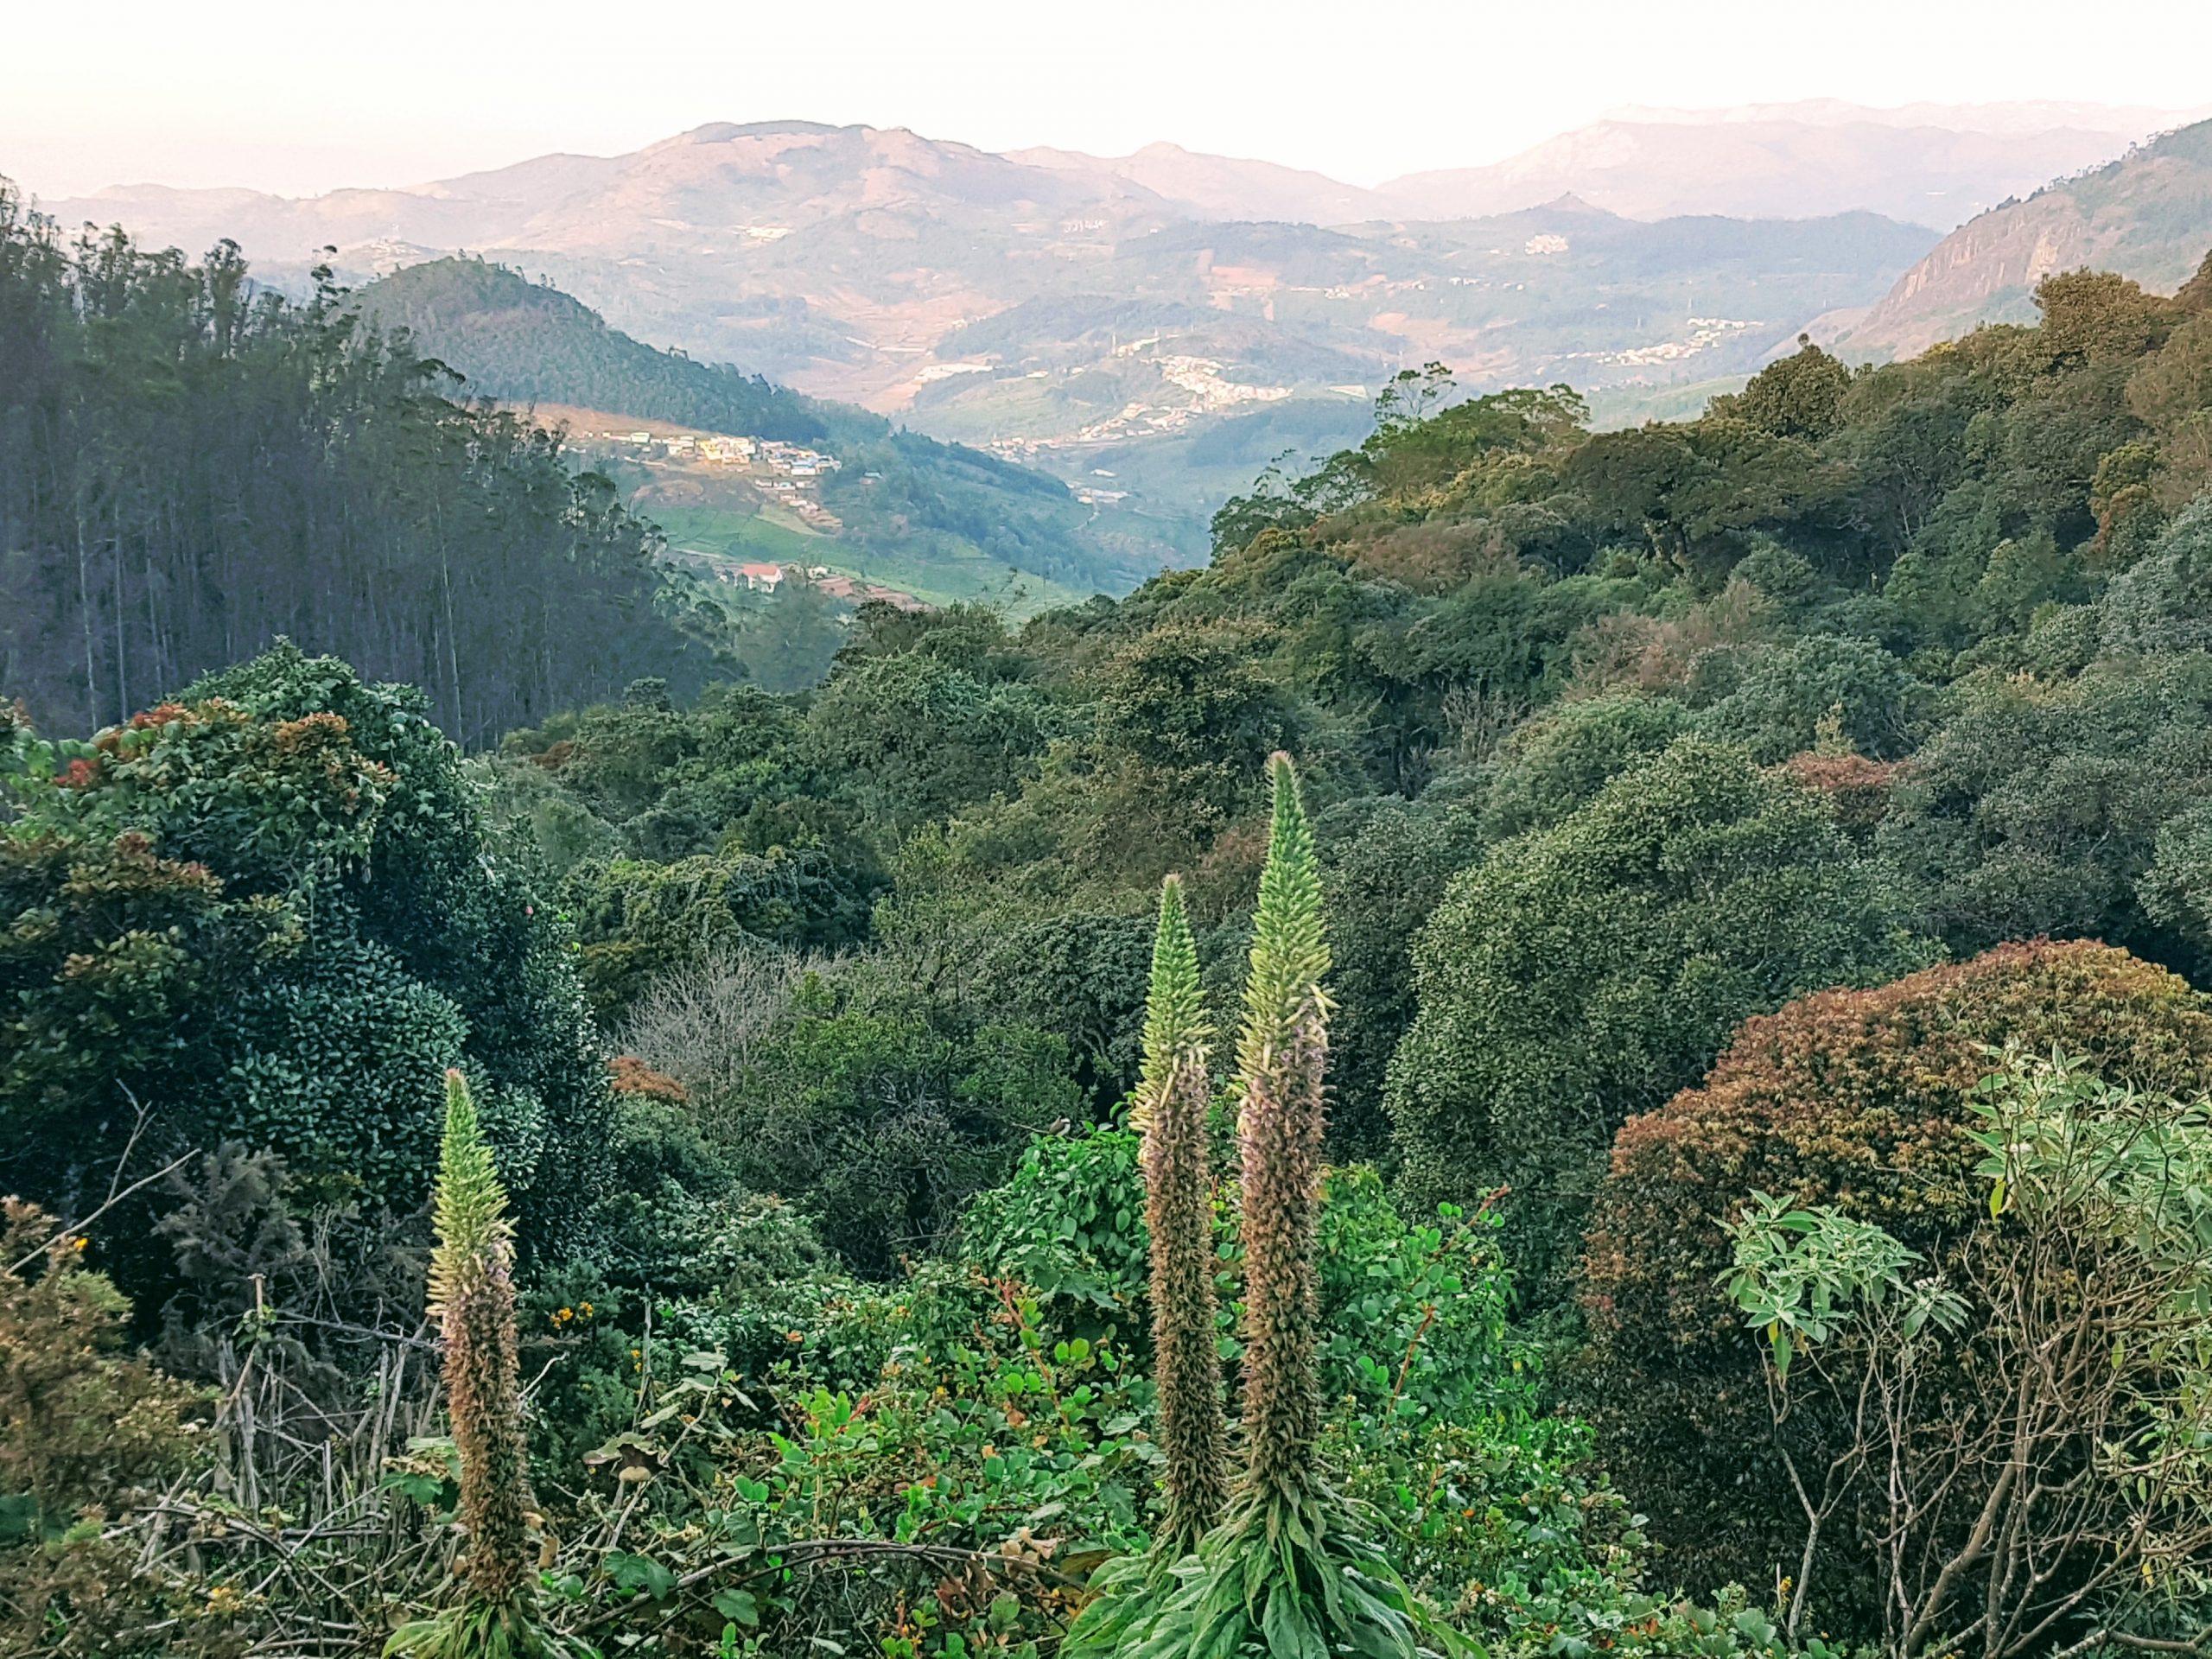 Indienreise-Ooty-Natur-Berge-Südindien